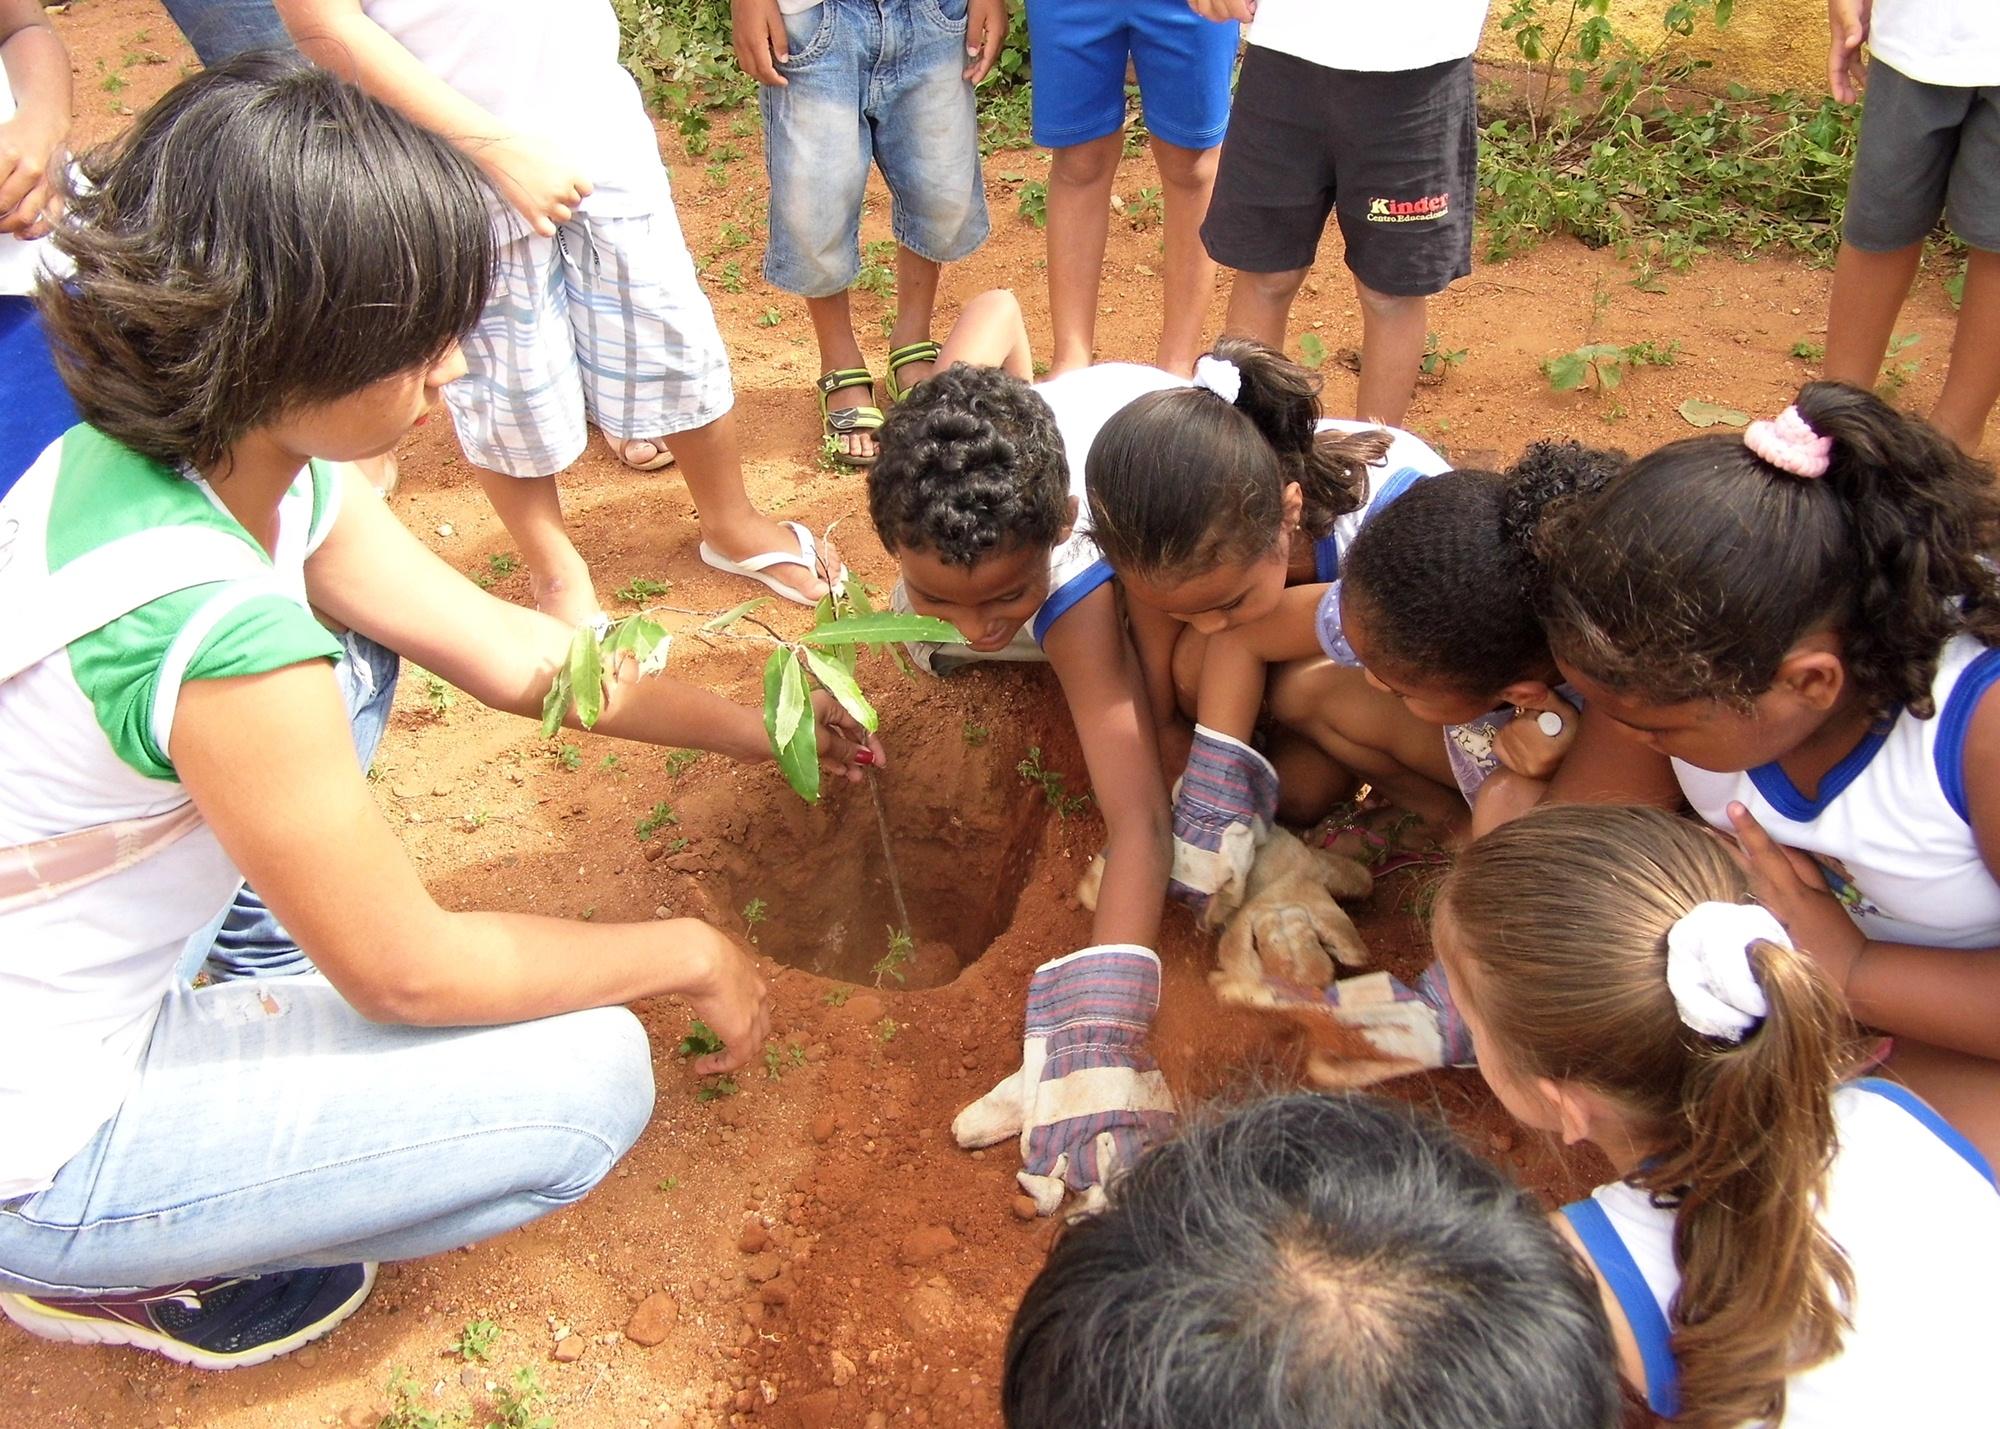 Projeto Floresta Urbana, Finalista no Desafio Criativos da Escola 2017